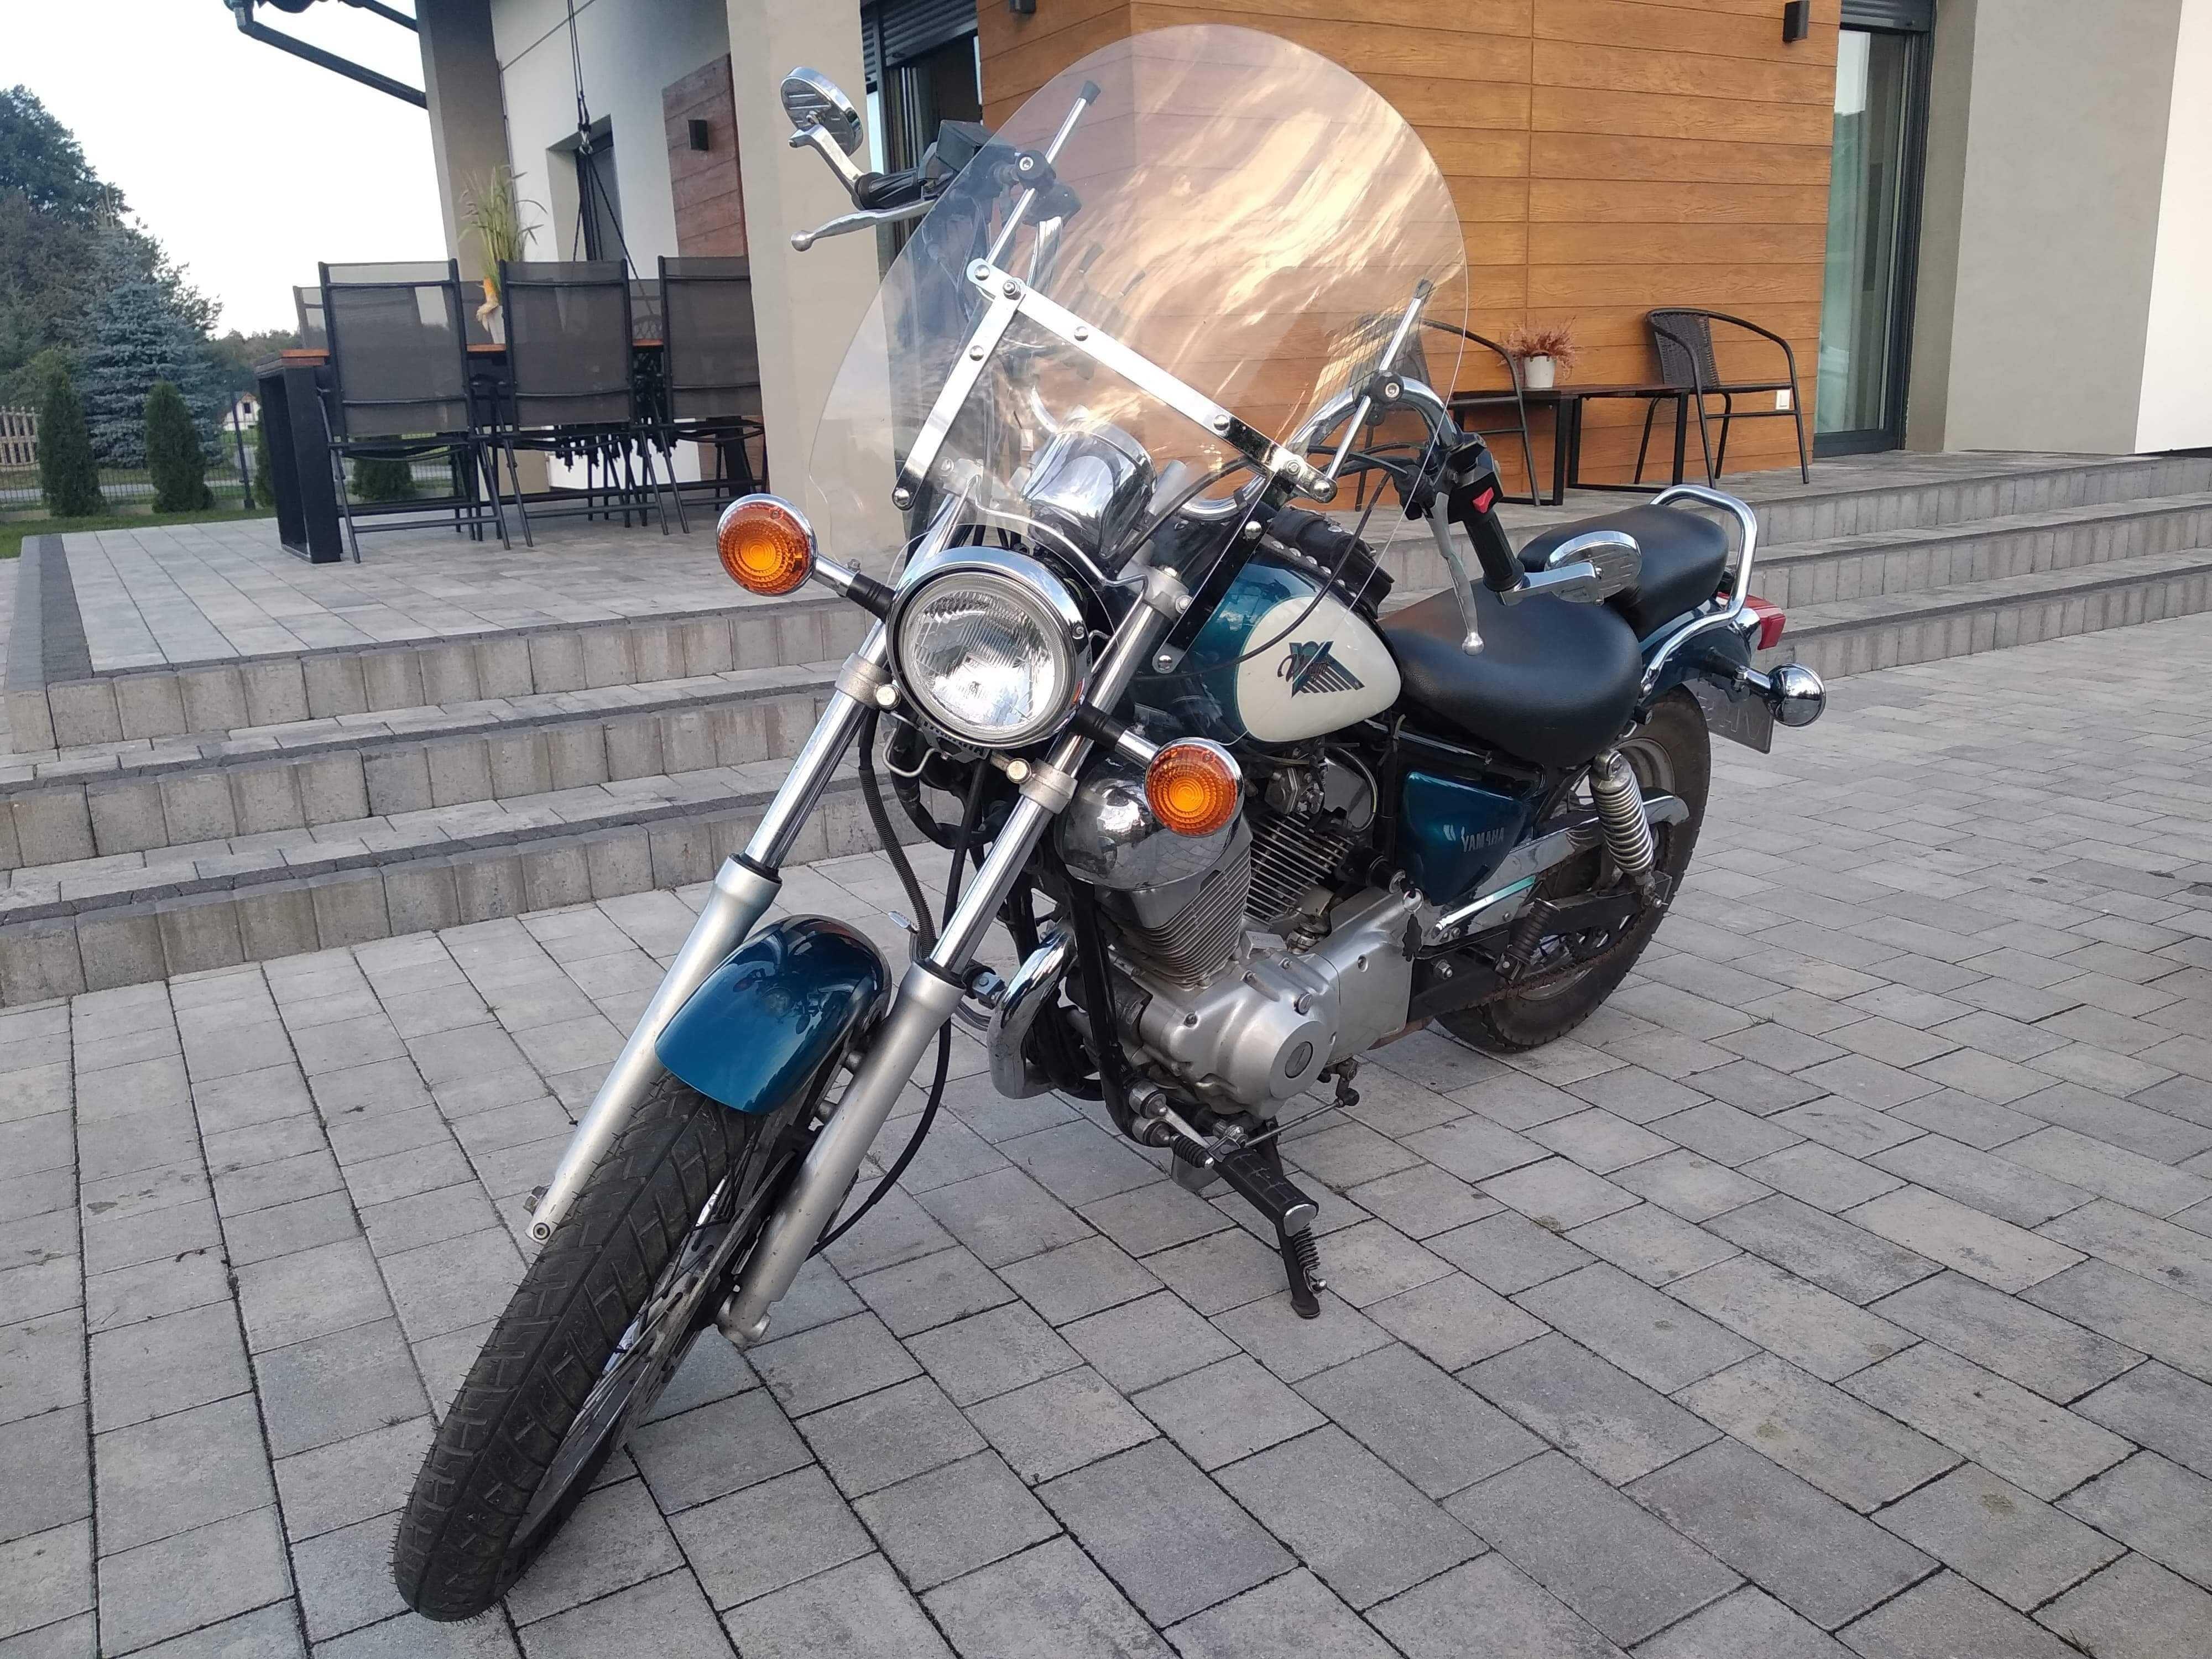 Motocykl Yamaha Virago 125